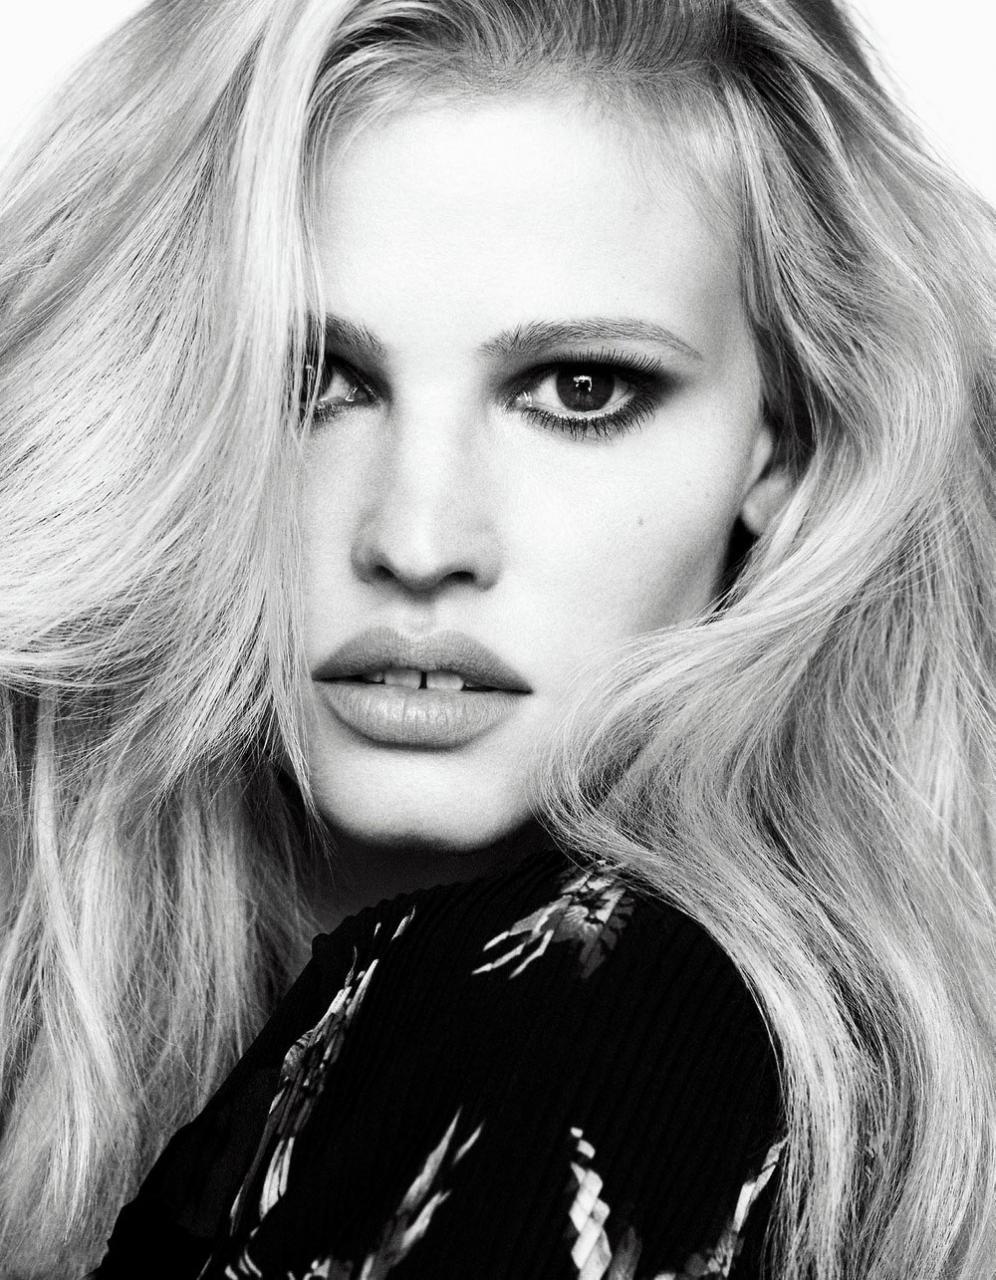 时尚摄影师组合Luigi & Iango的Vogue杂志作品 审美灵感 第2张